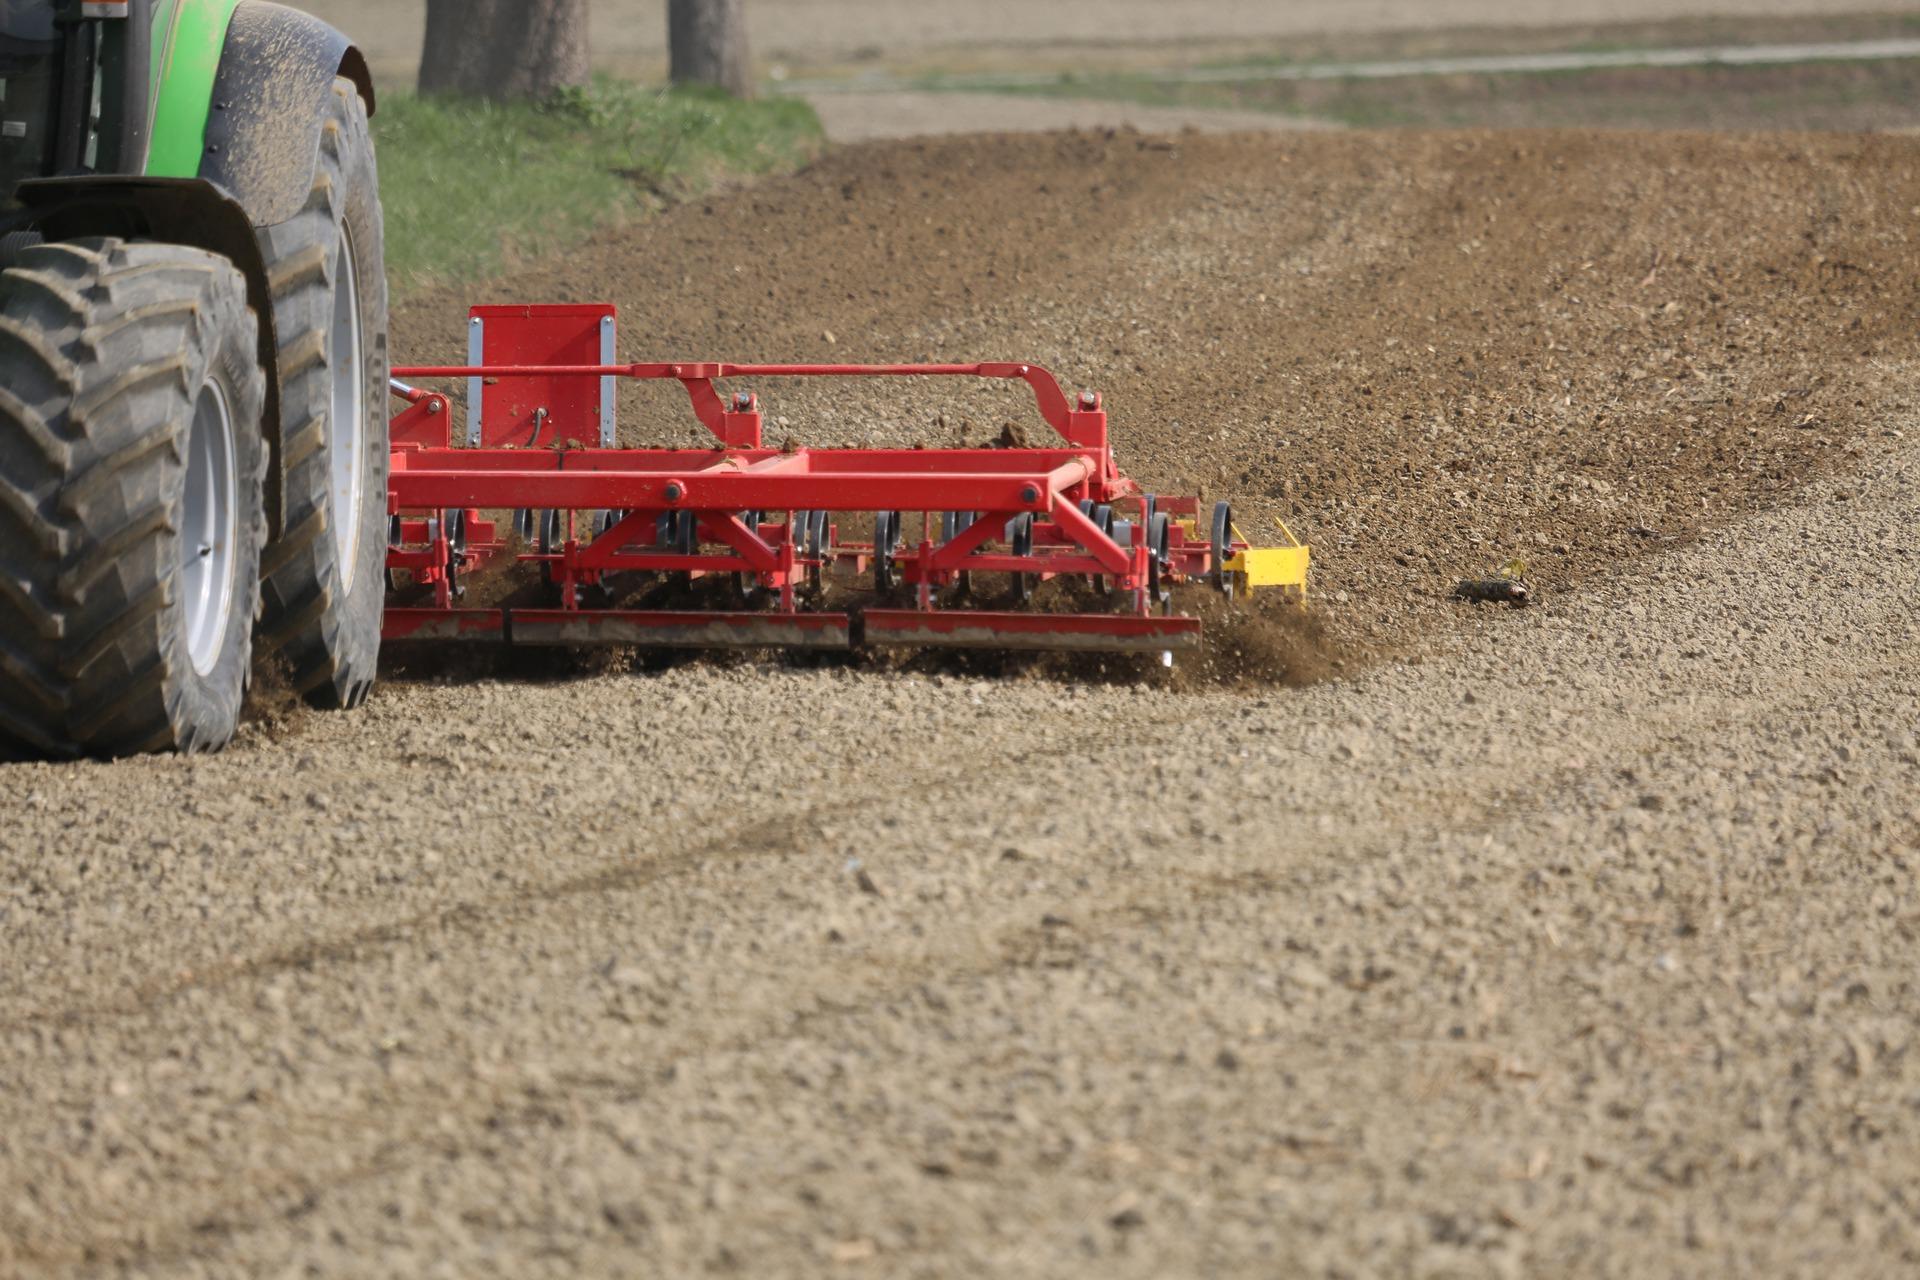 Аферисти намагалися ошукати херсонське фермерське господарство на закупівлі сільгосптехніки